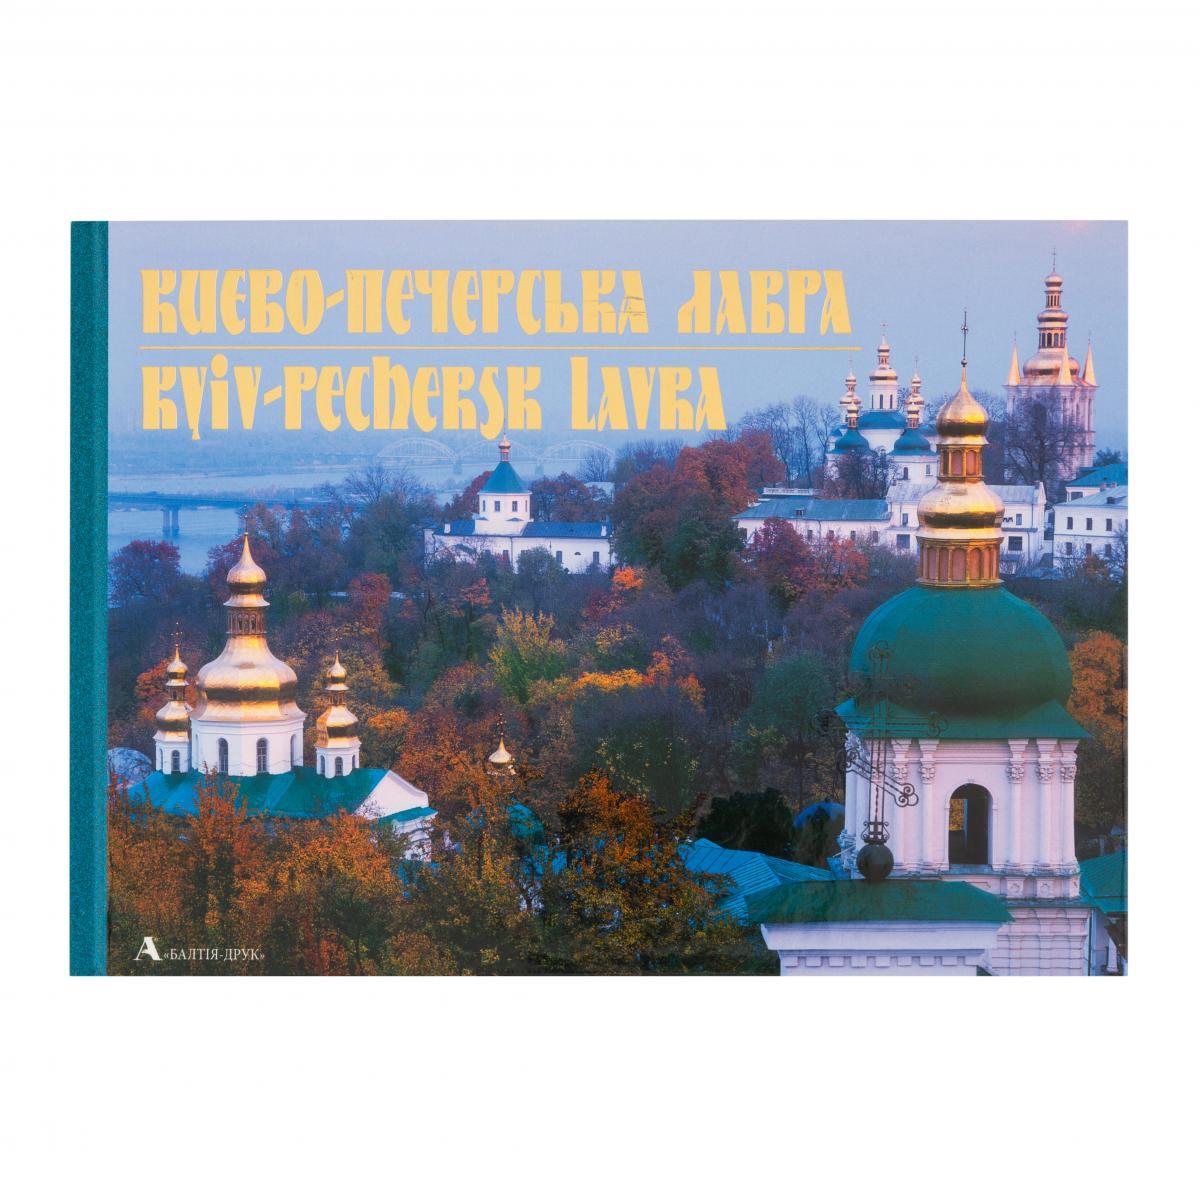 Книга Києво-Печерська лавра. Фото №1. | Народний дім Україна